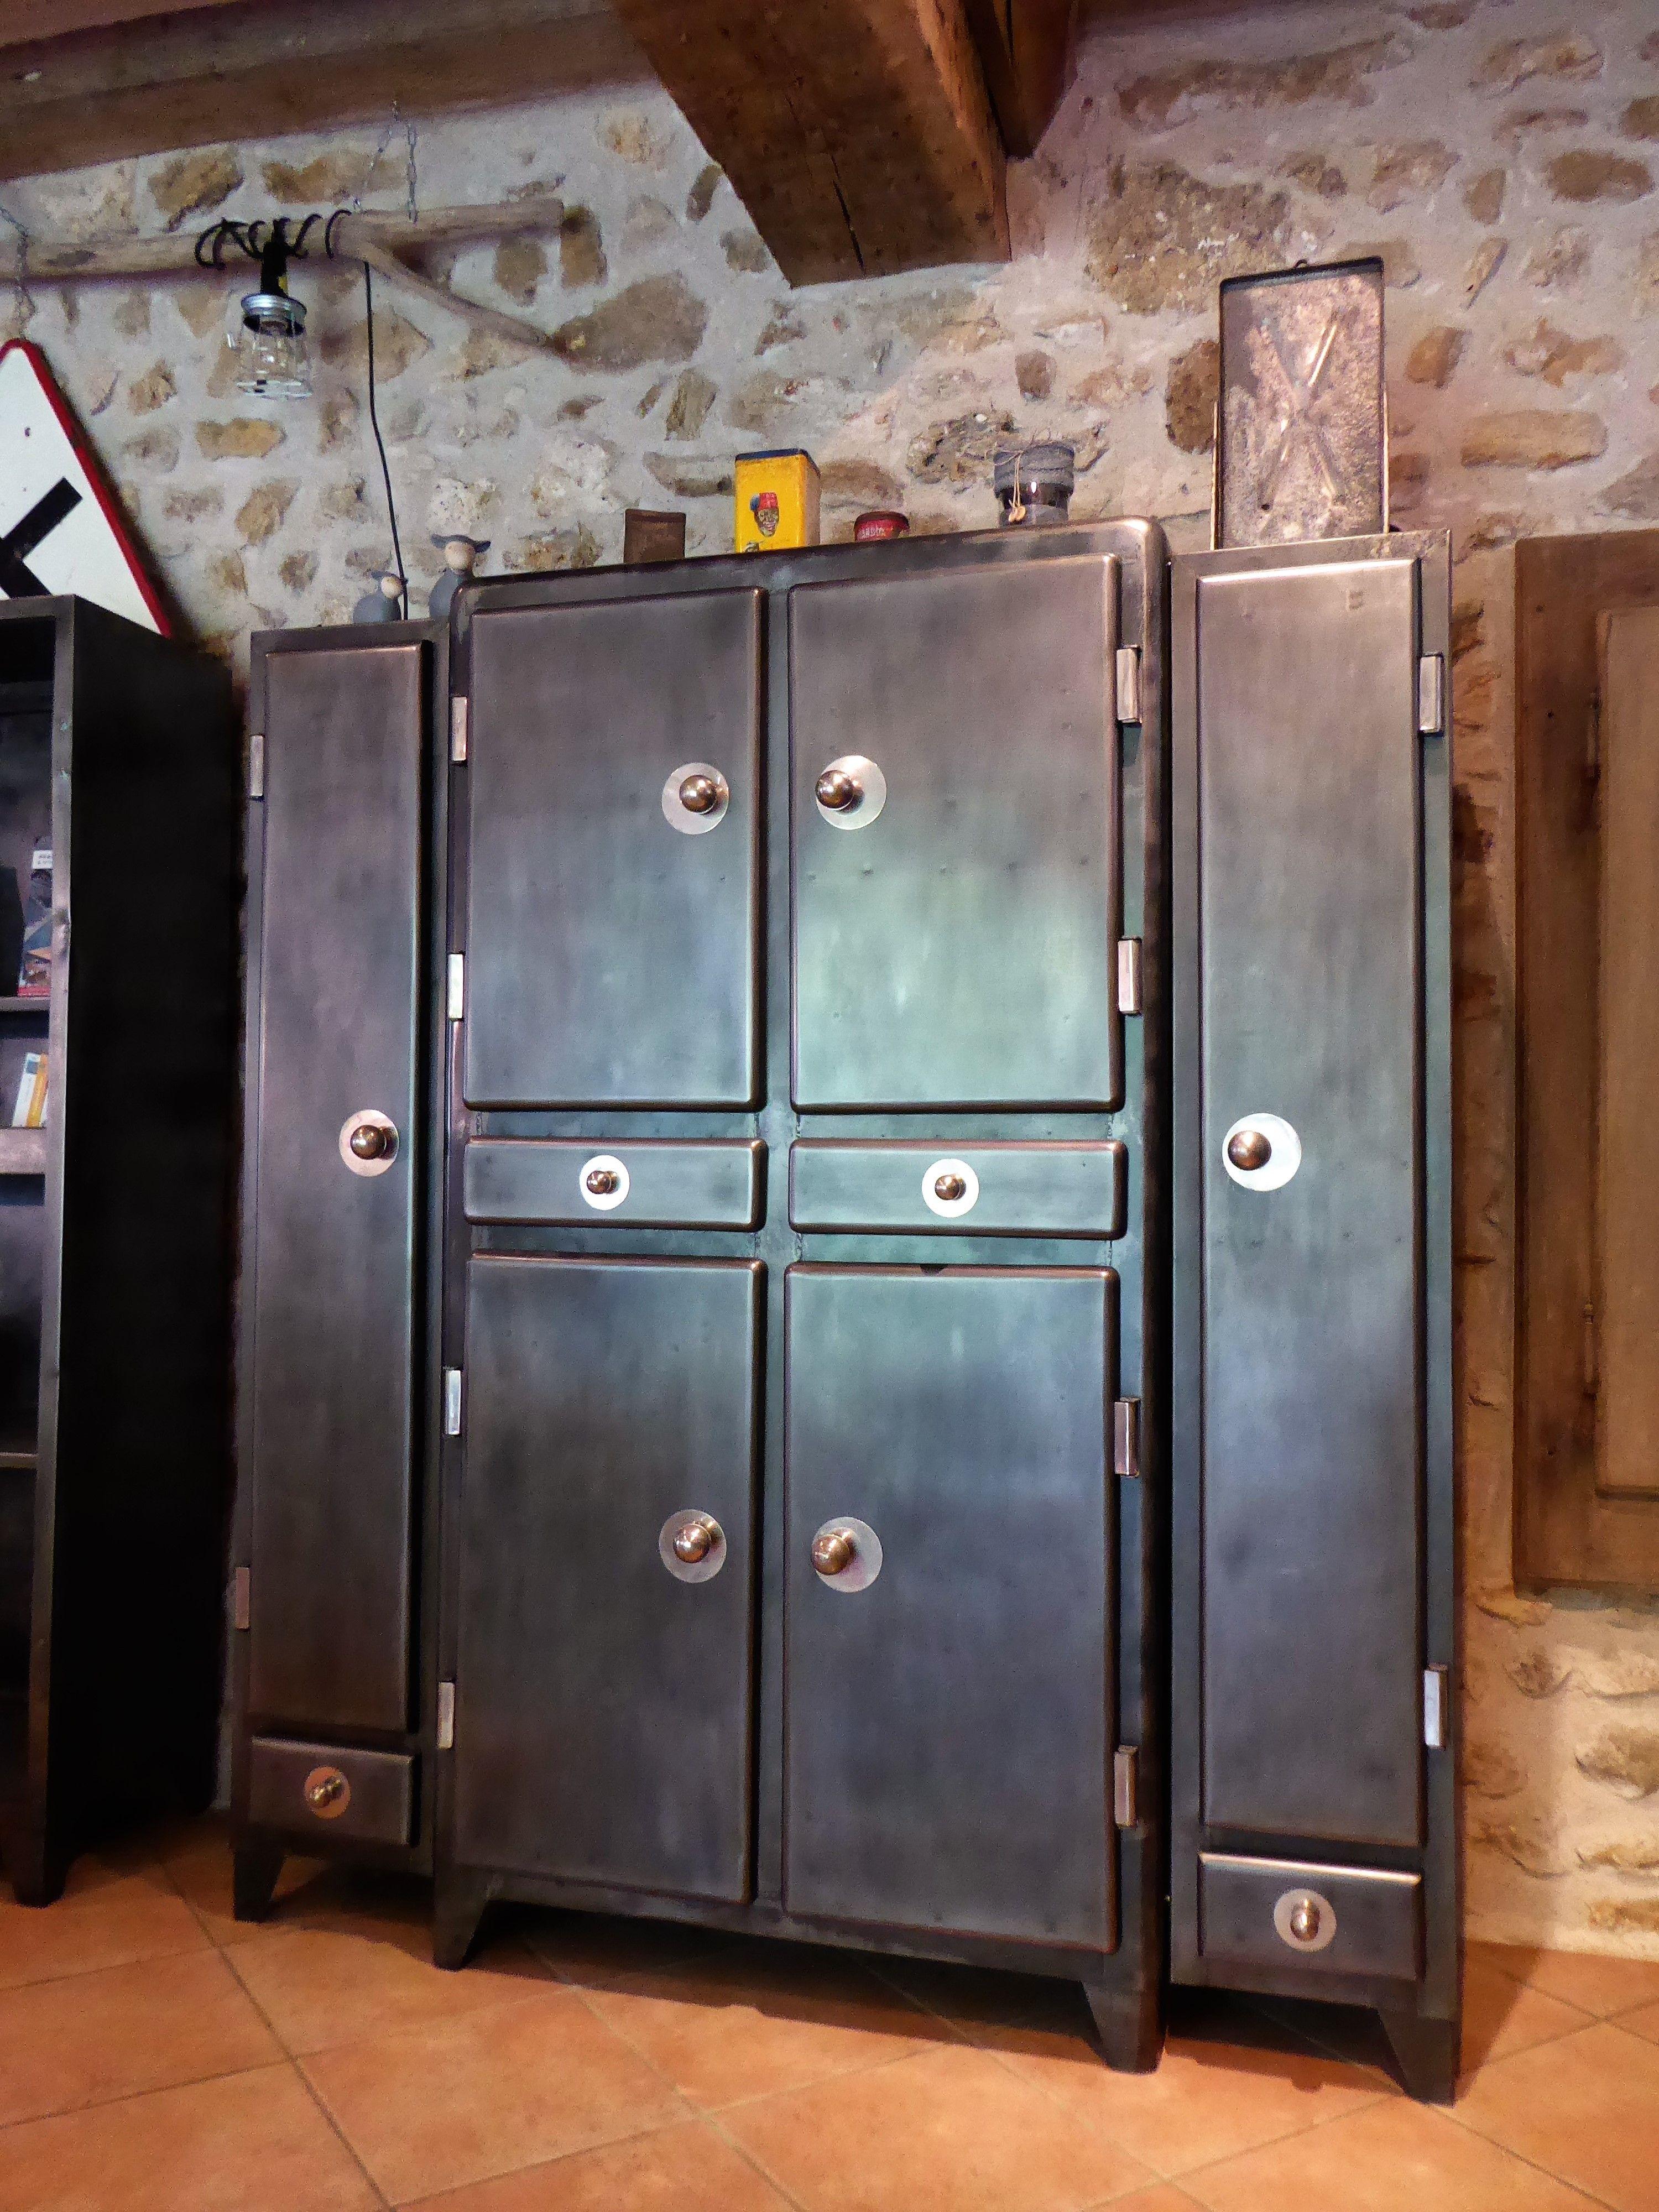 Armoire Industrielle Meuble Vintage An 50 Indus Inspirationrecup Com Vous Propose Ce Meuble Ancien Restaure Des Anne Armoire Armoire 2 Portes Meuble Vintage